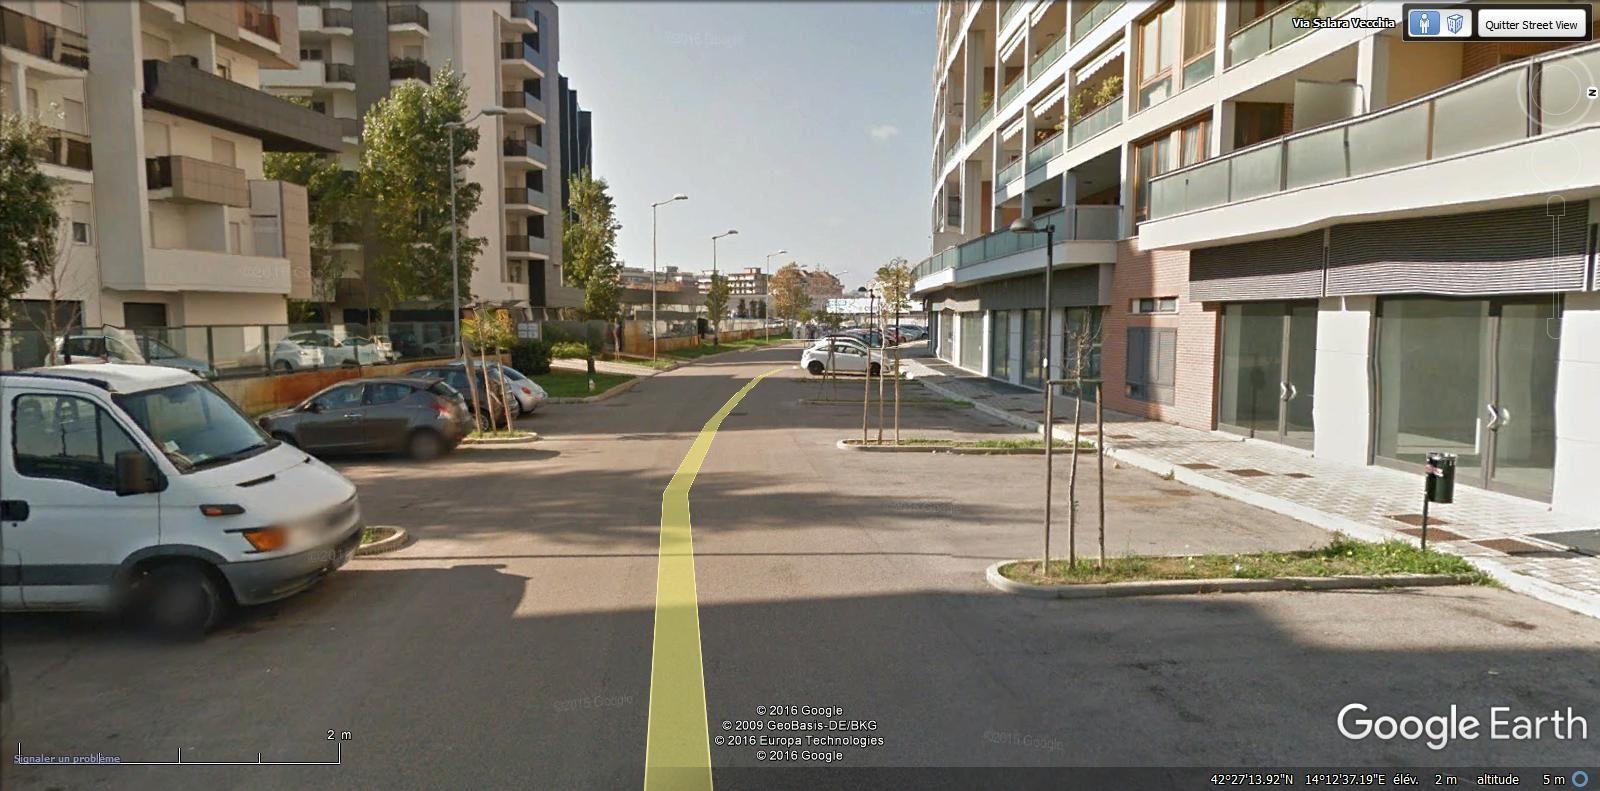 traverse de la via Salara Vecchia